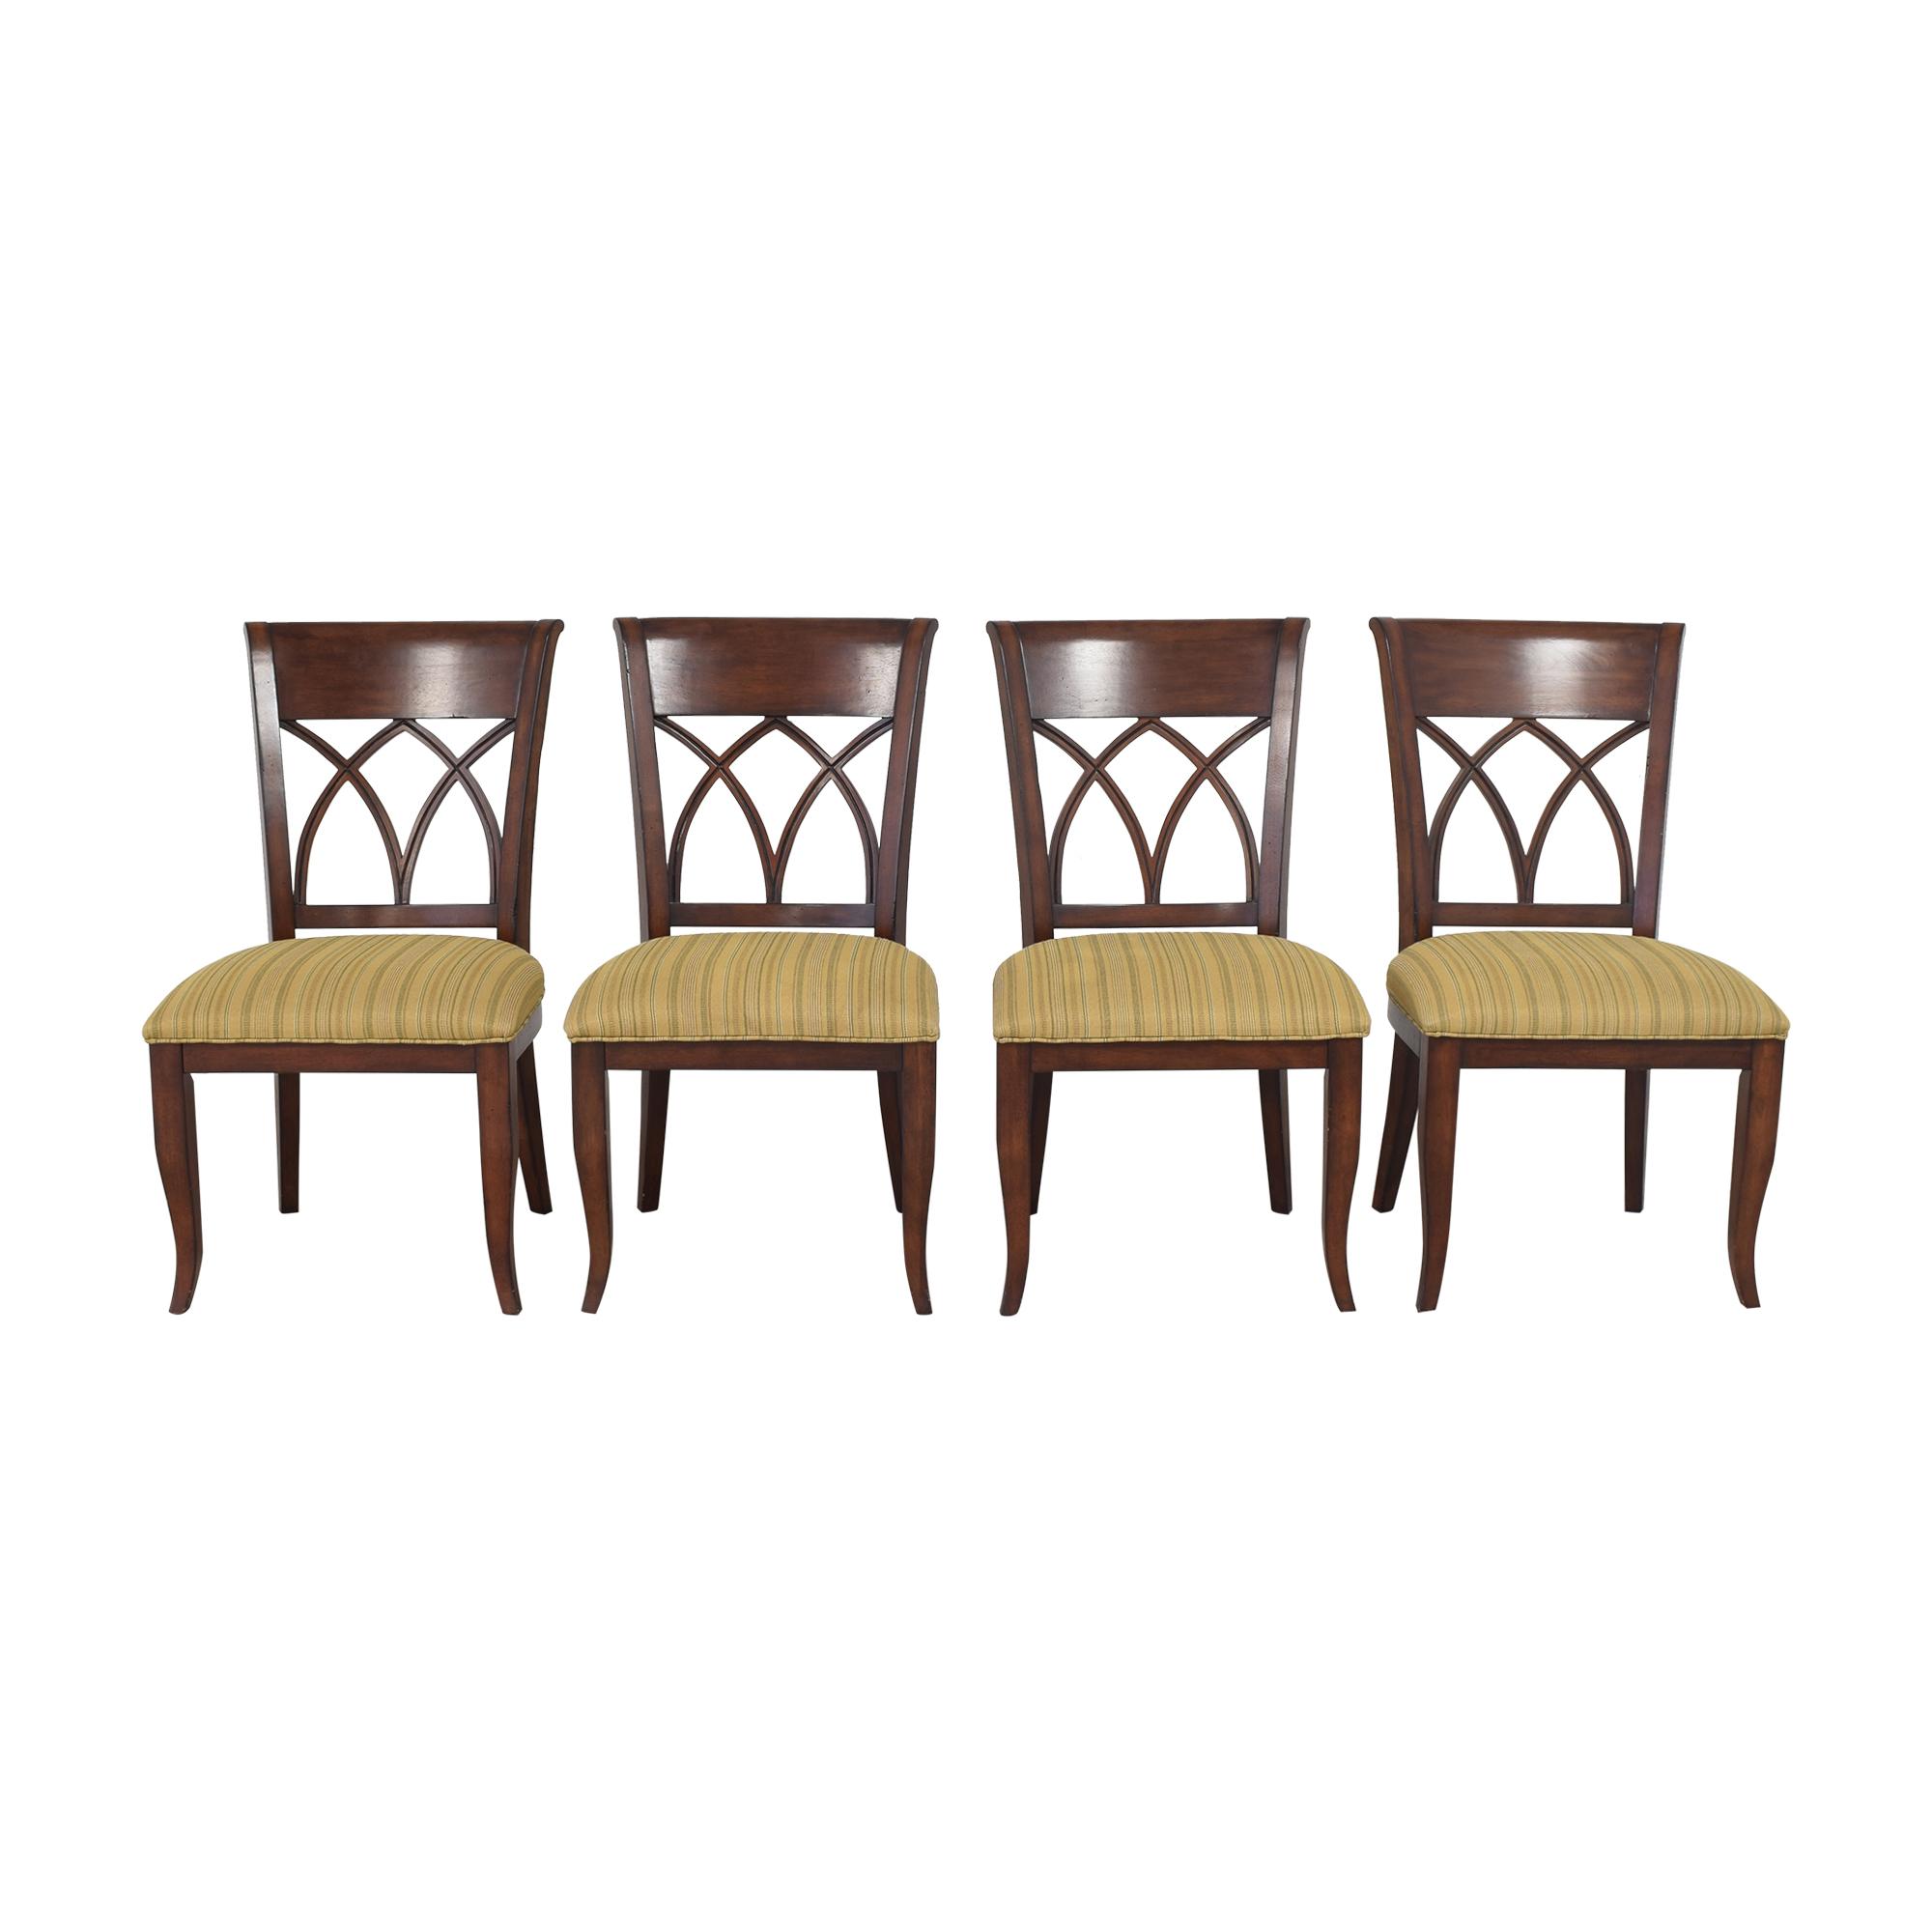 Bernhardt Bernhardt Dining Side Chairs nyc